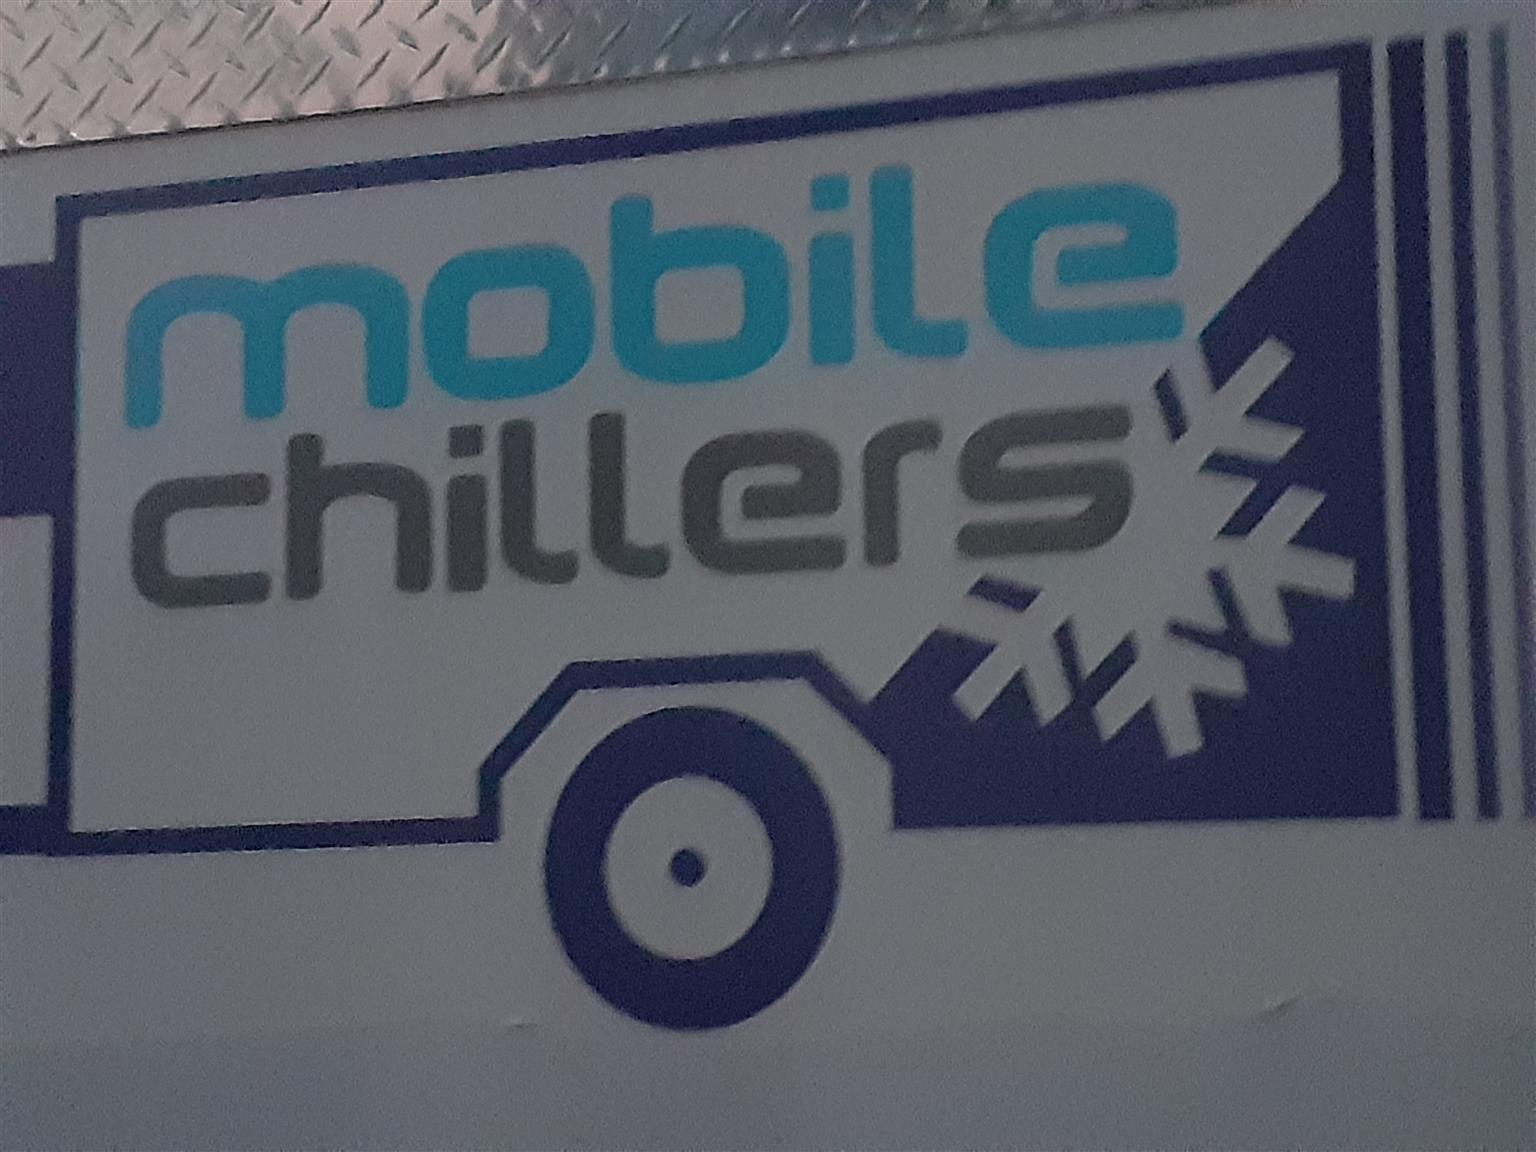 Mobile Chiller